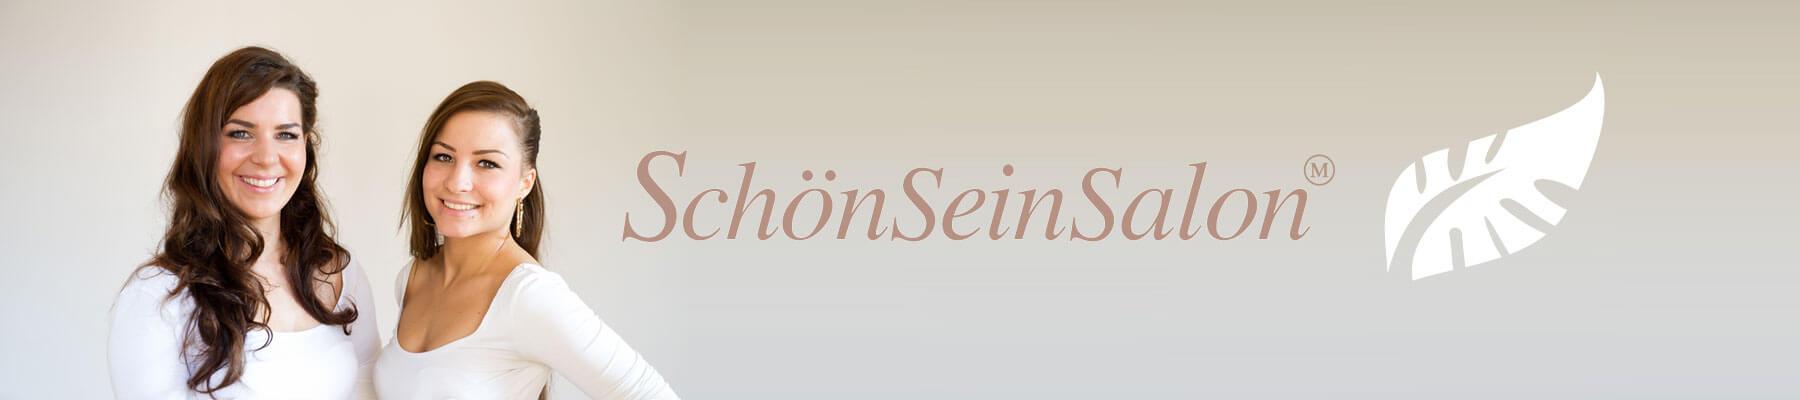 SchönSeinSalon Wiesbaden